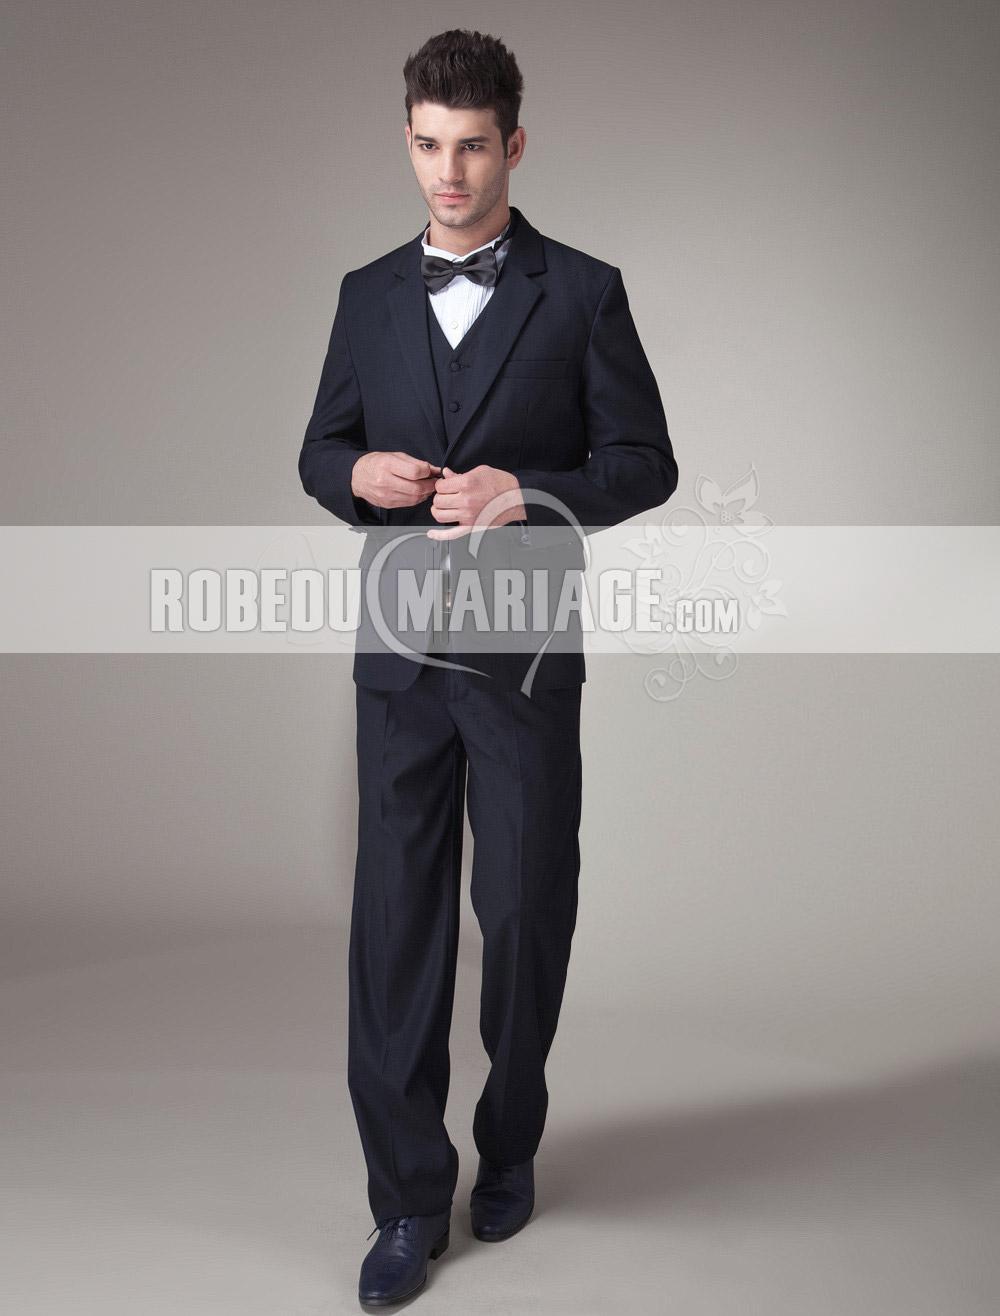 moderne costume de mariage avec style simple et classique robe207273. Black Bedroom Furniture Sets. Home Design Ideas